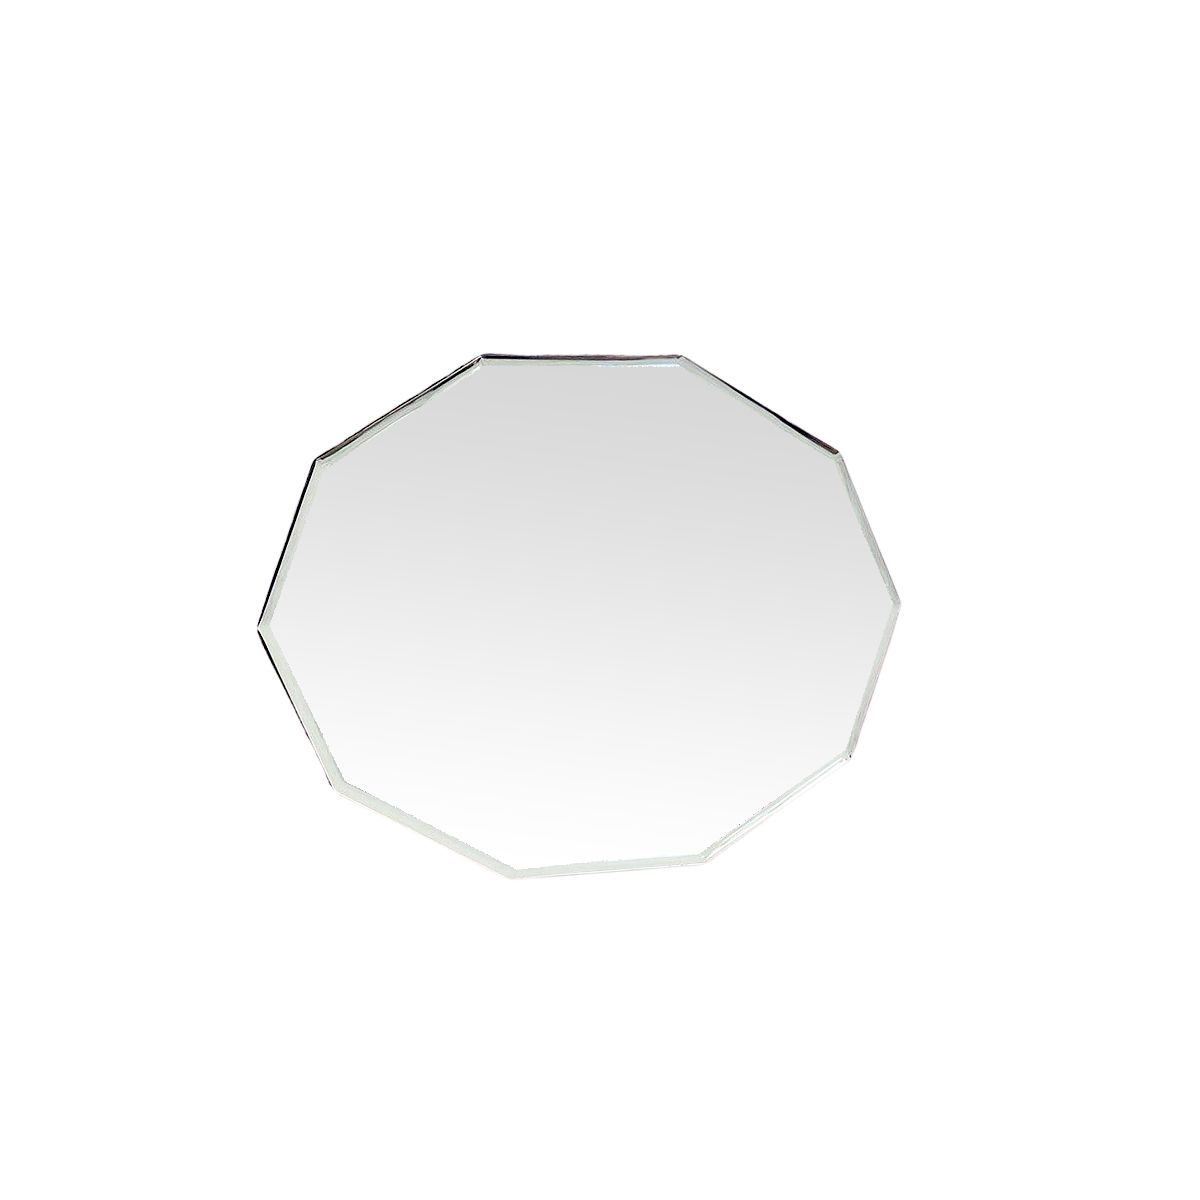 Miroir décagonal ovale biseauté blanc 44x59